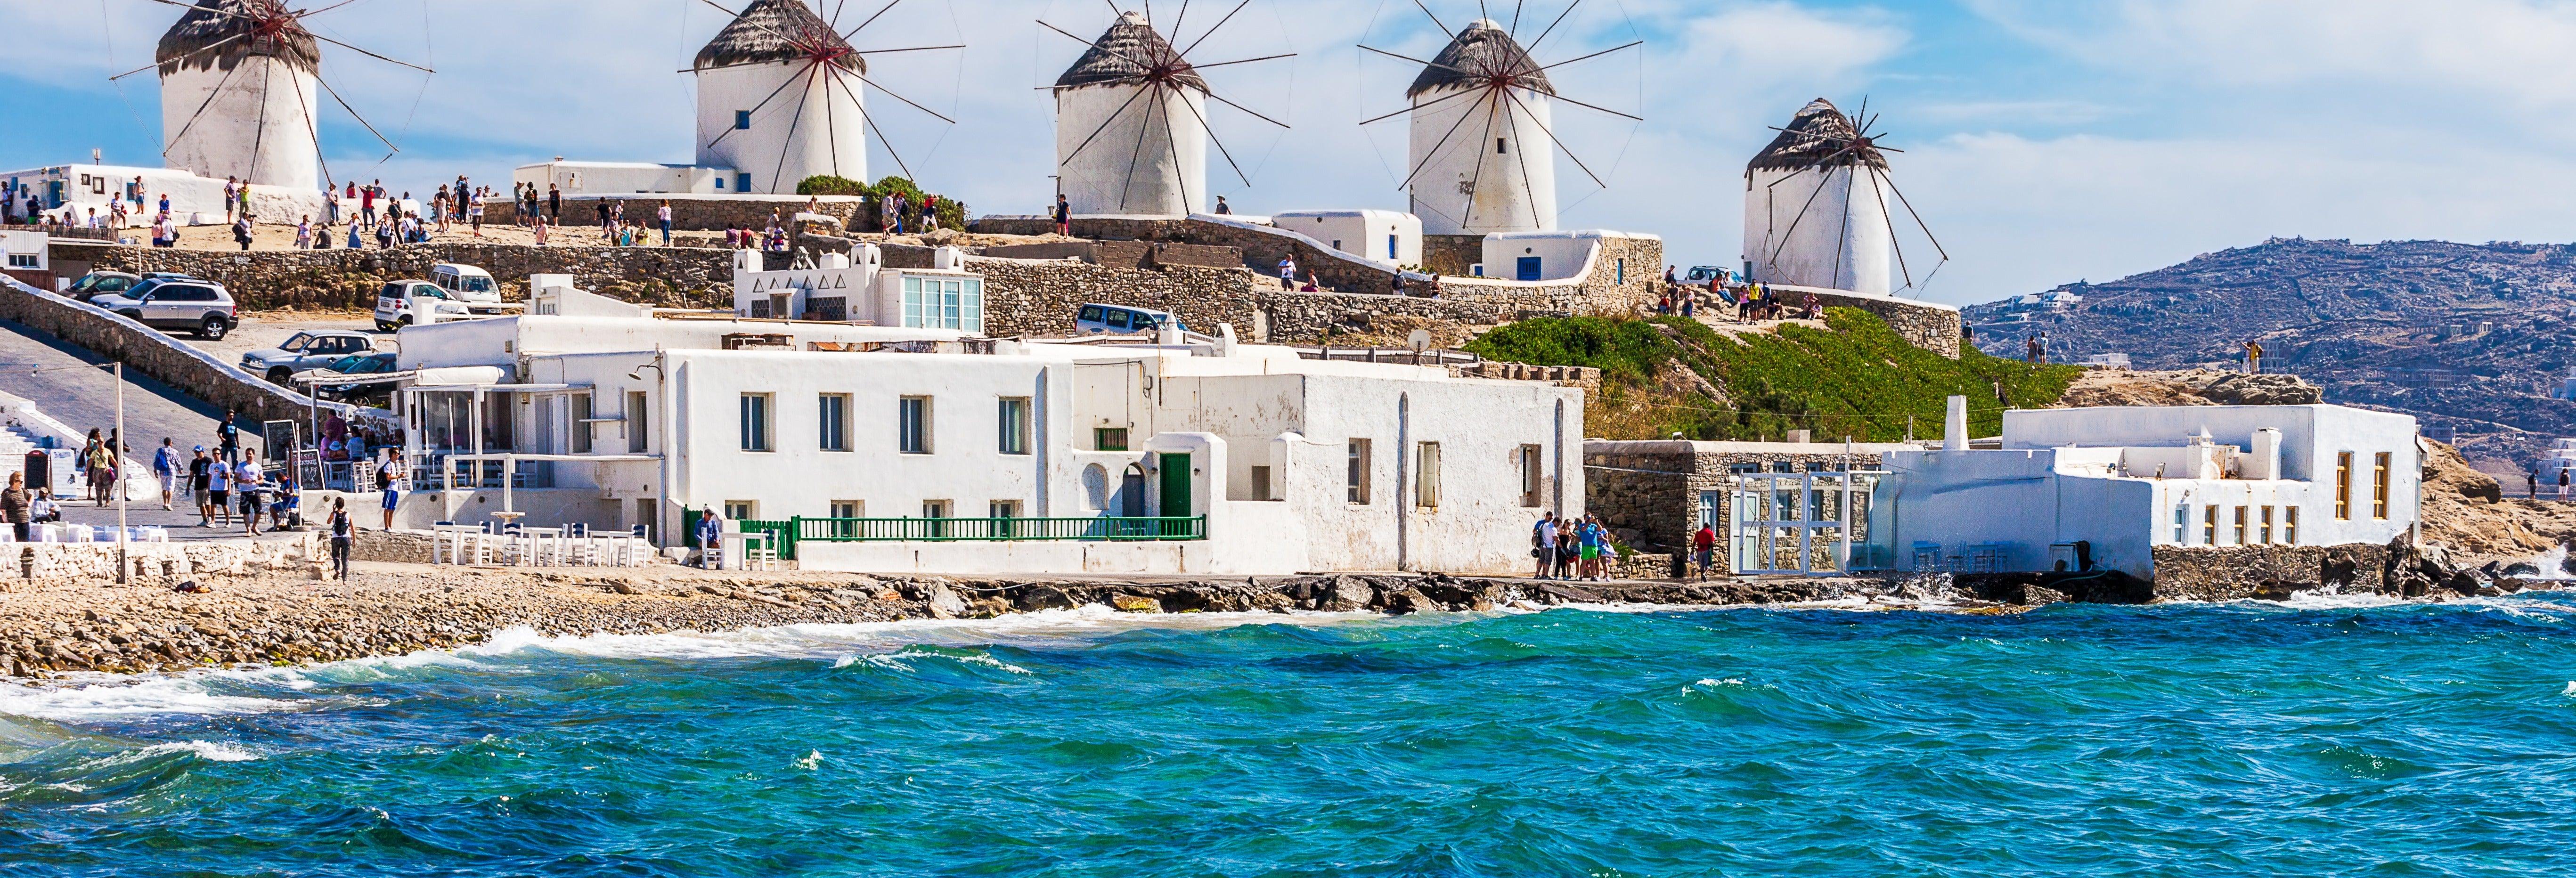 Escursione di 4 giorni a Mykonos e Santorini